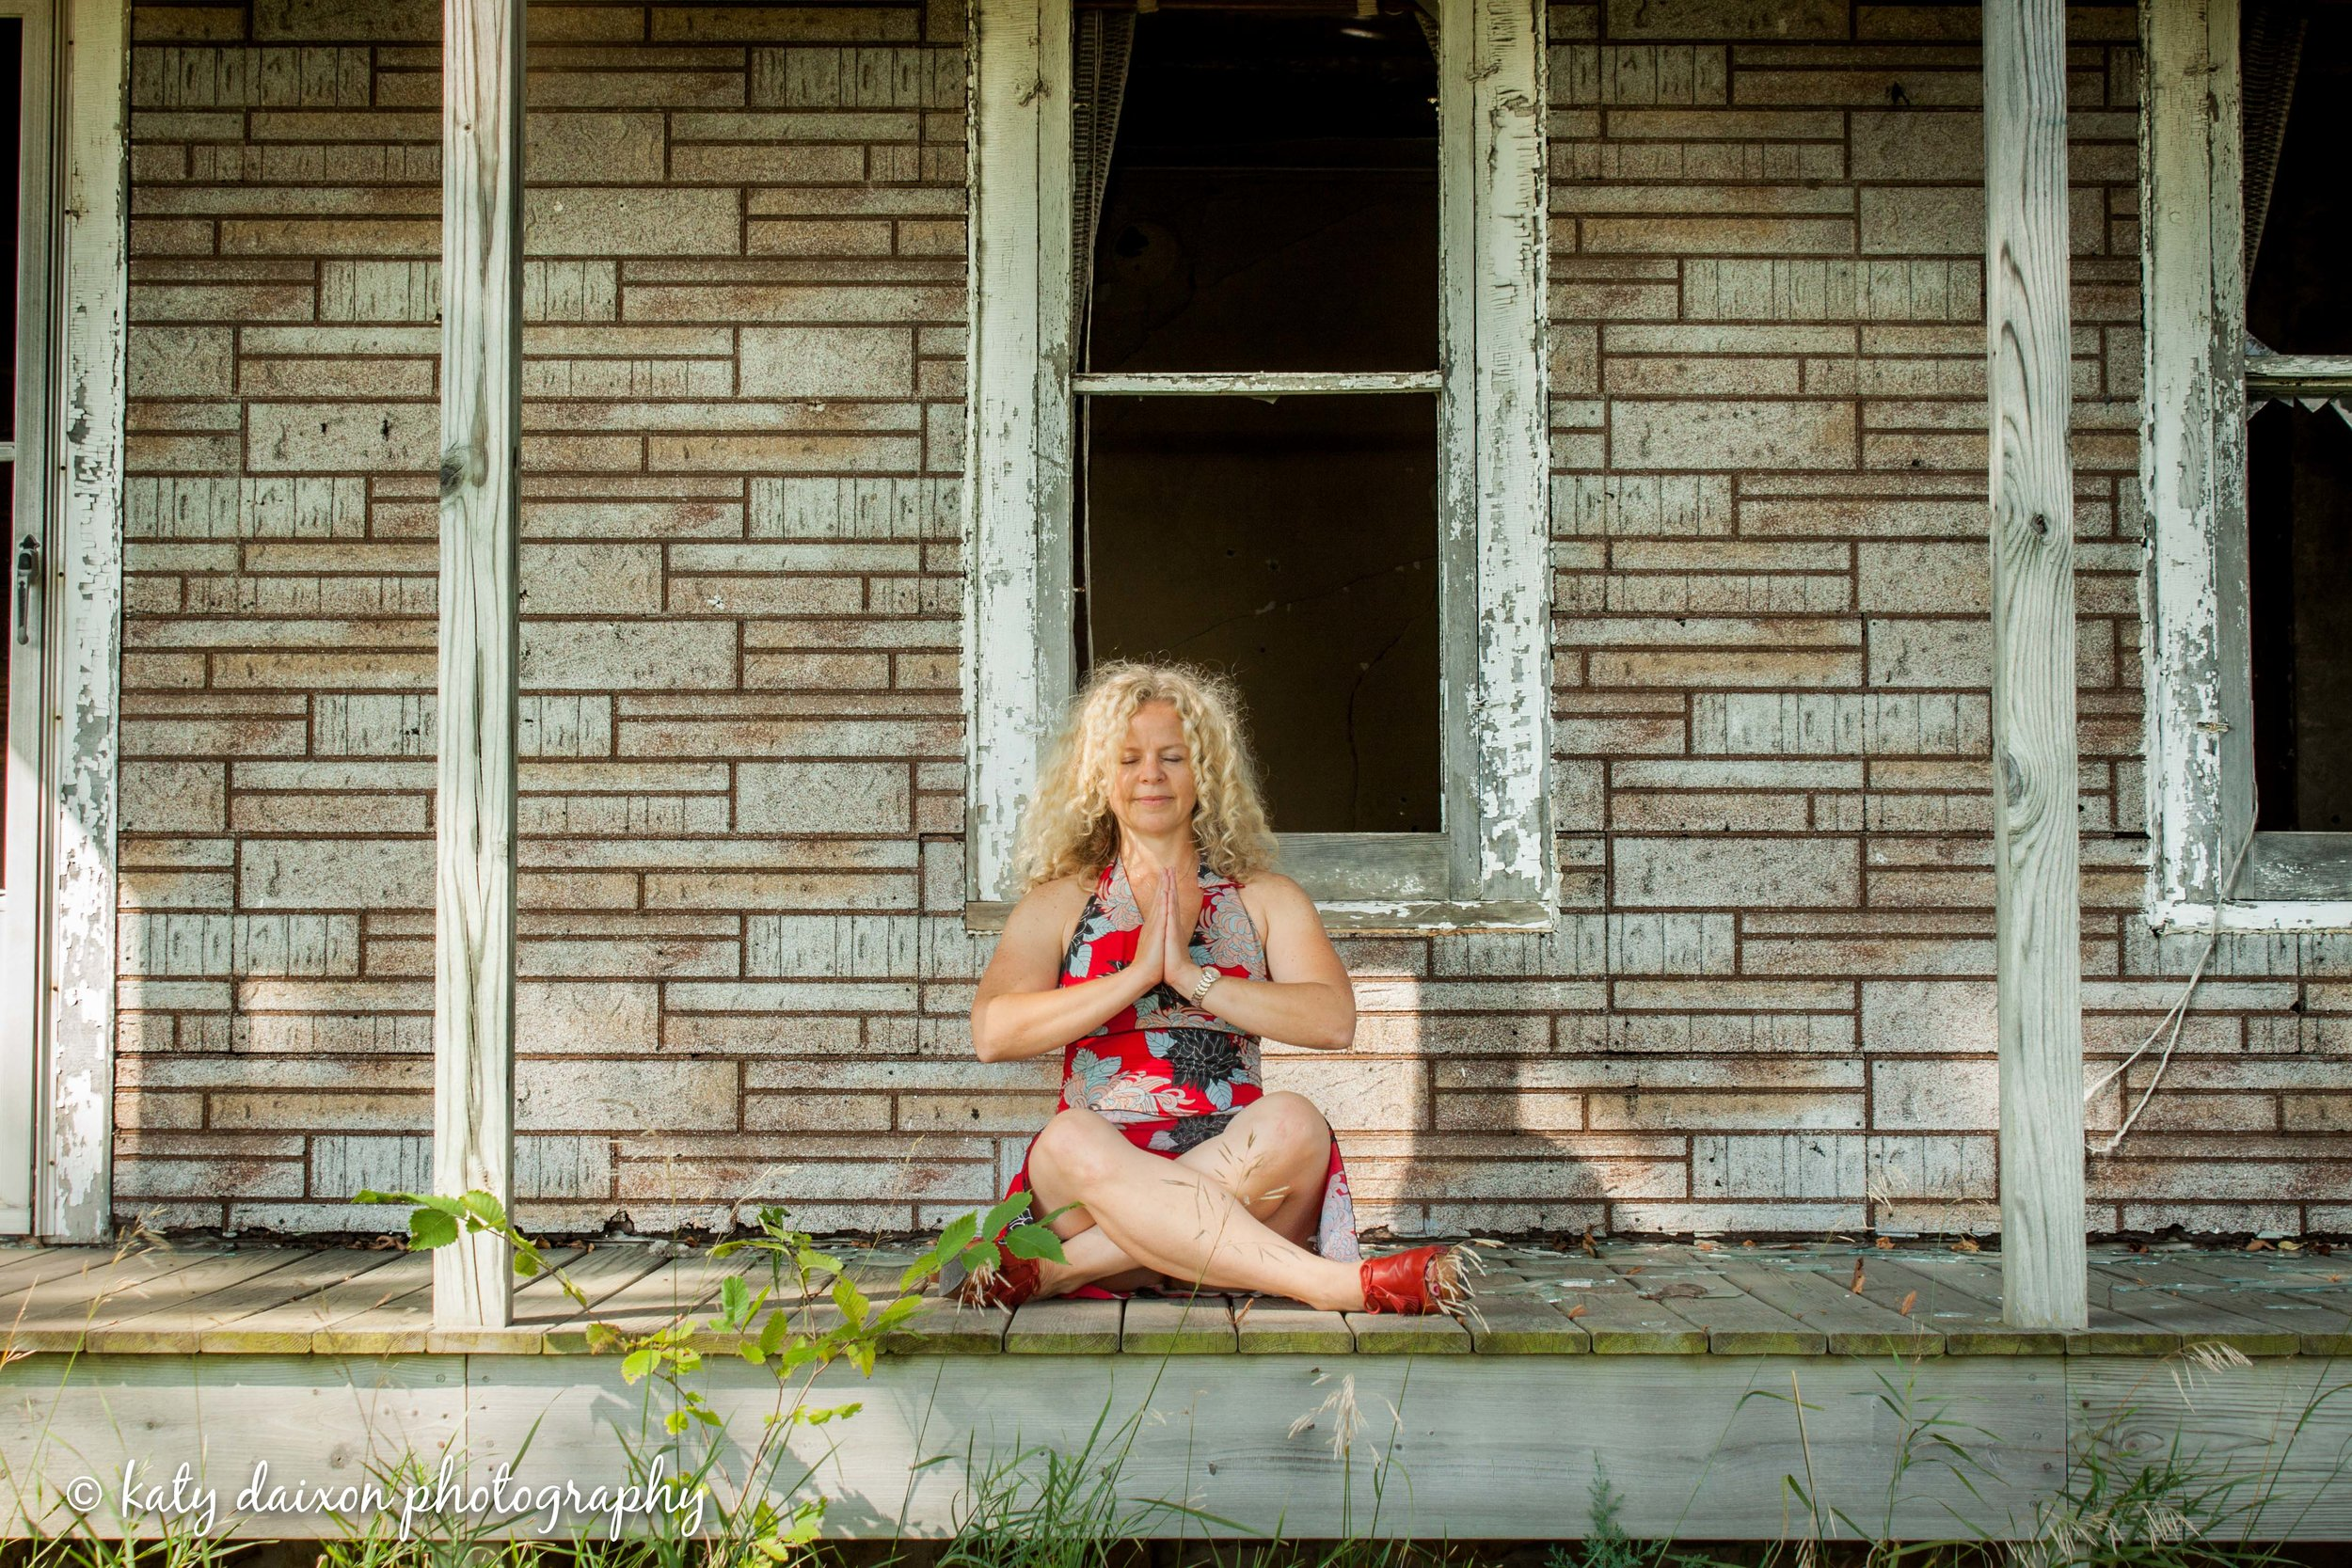 yogaportraits-southernwiphotographer-katydaixonphotography-38.jpg